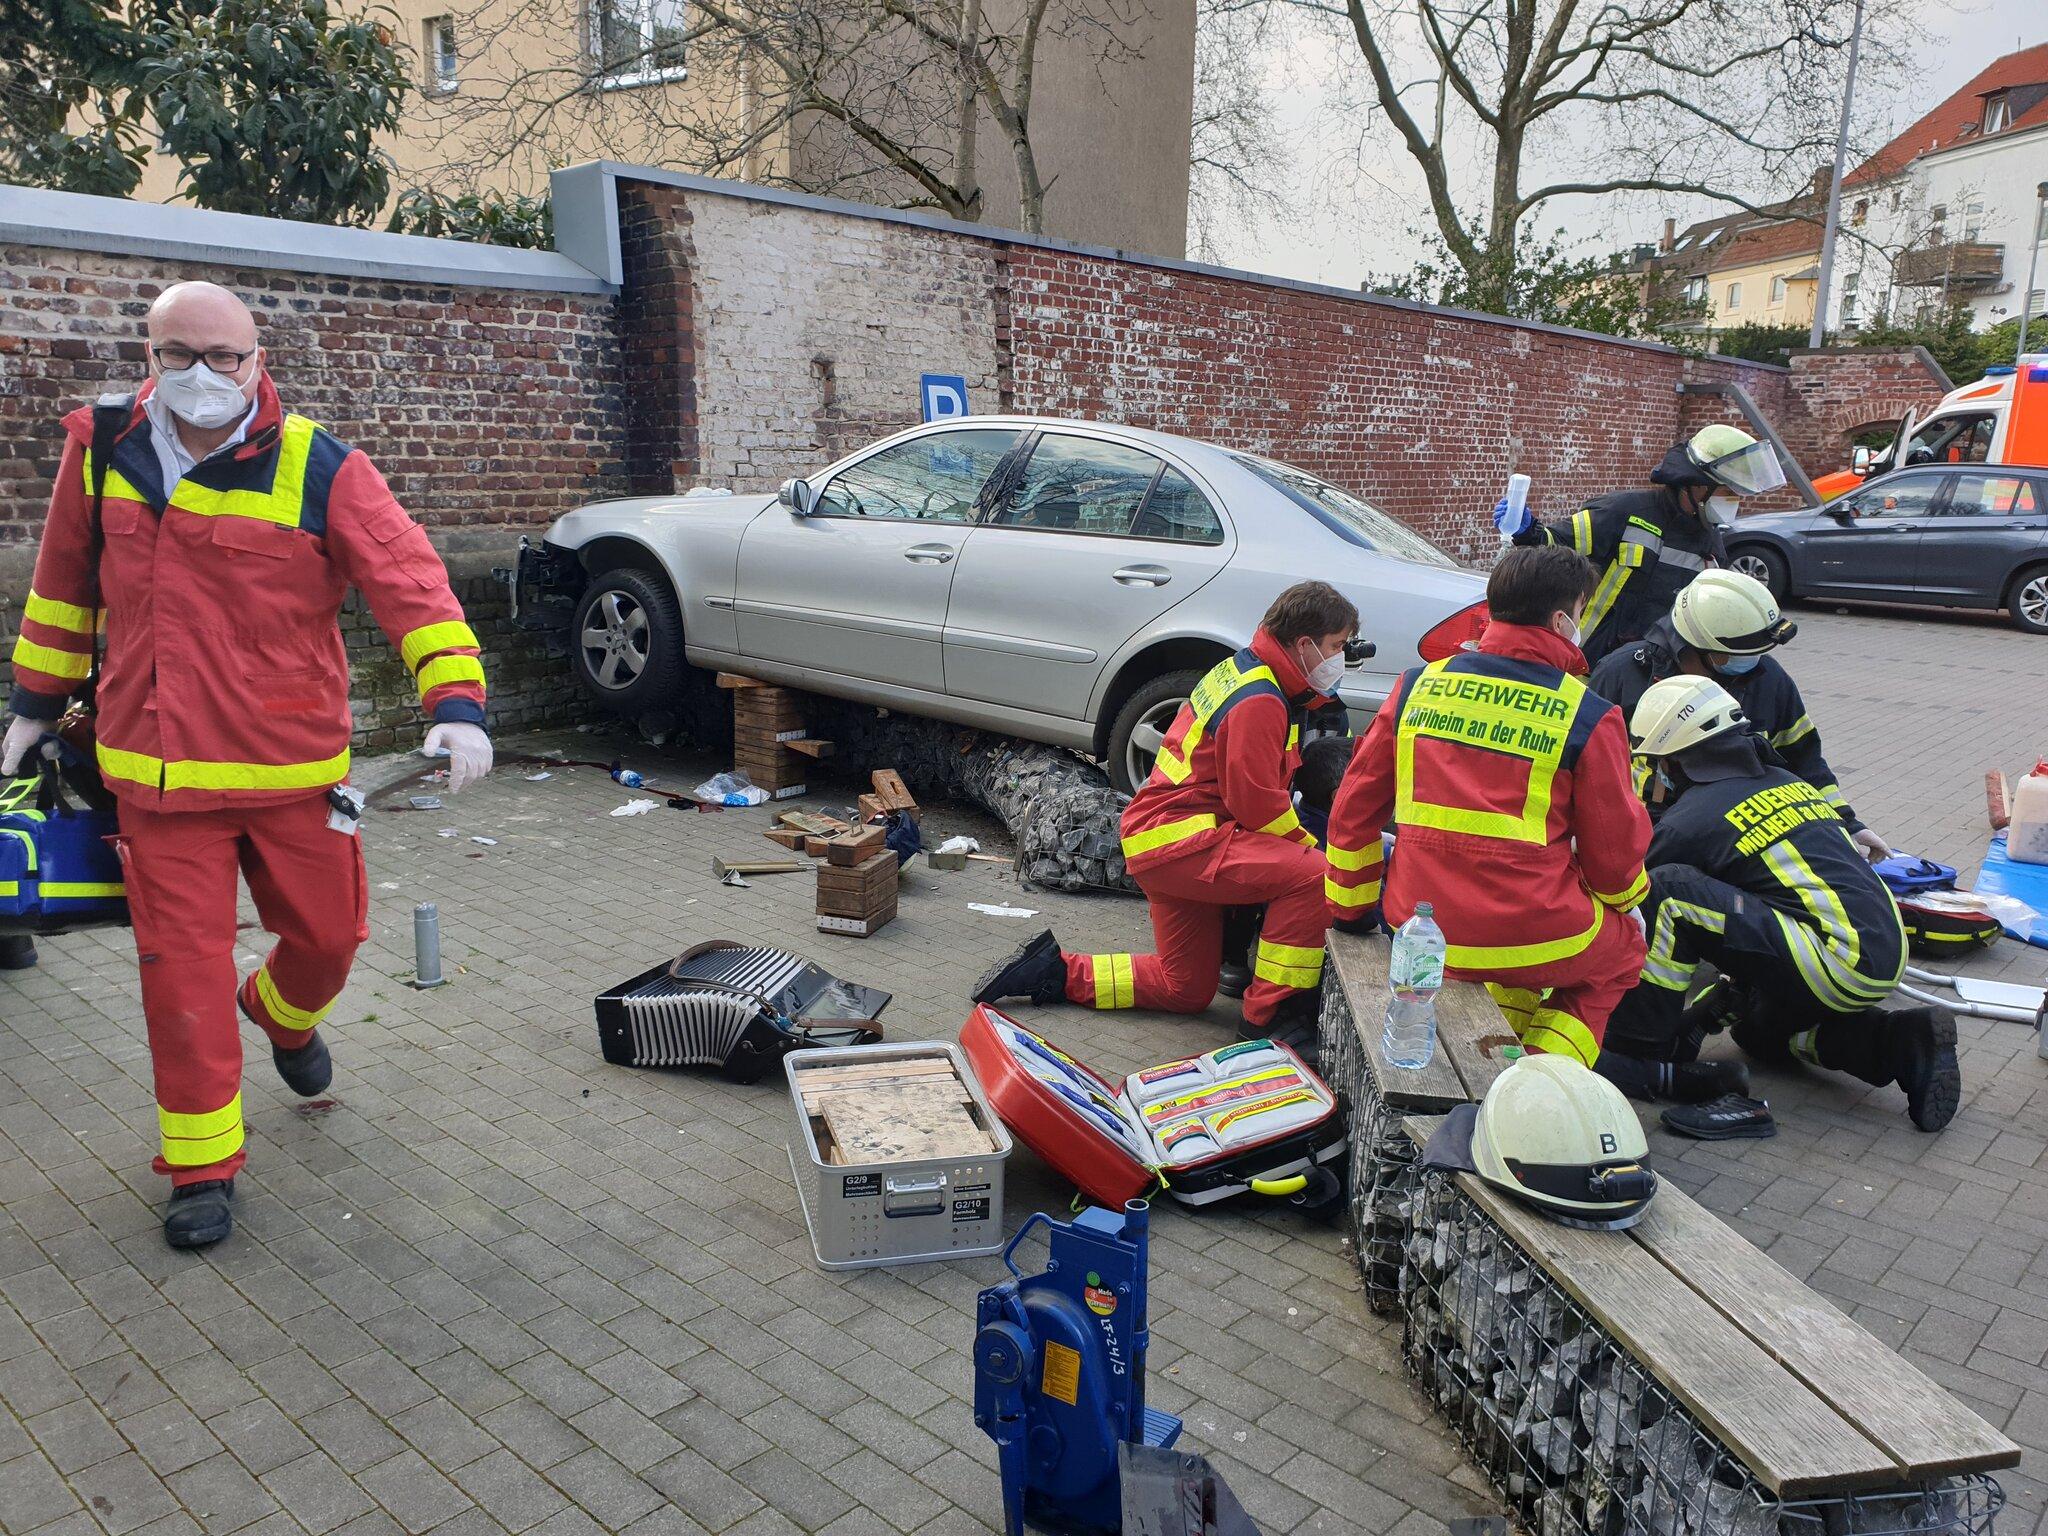 Wagen außer Kontrolle: Zwei Menschen auf Parkplatz